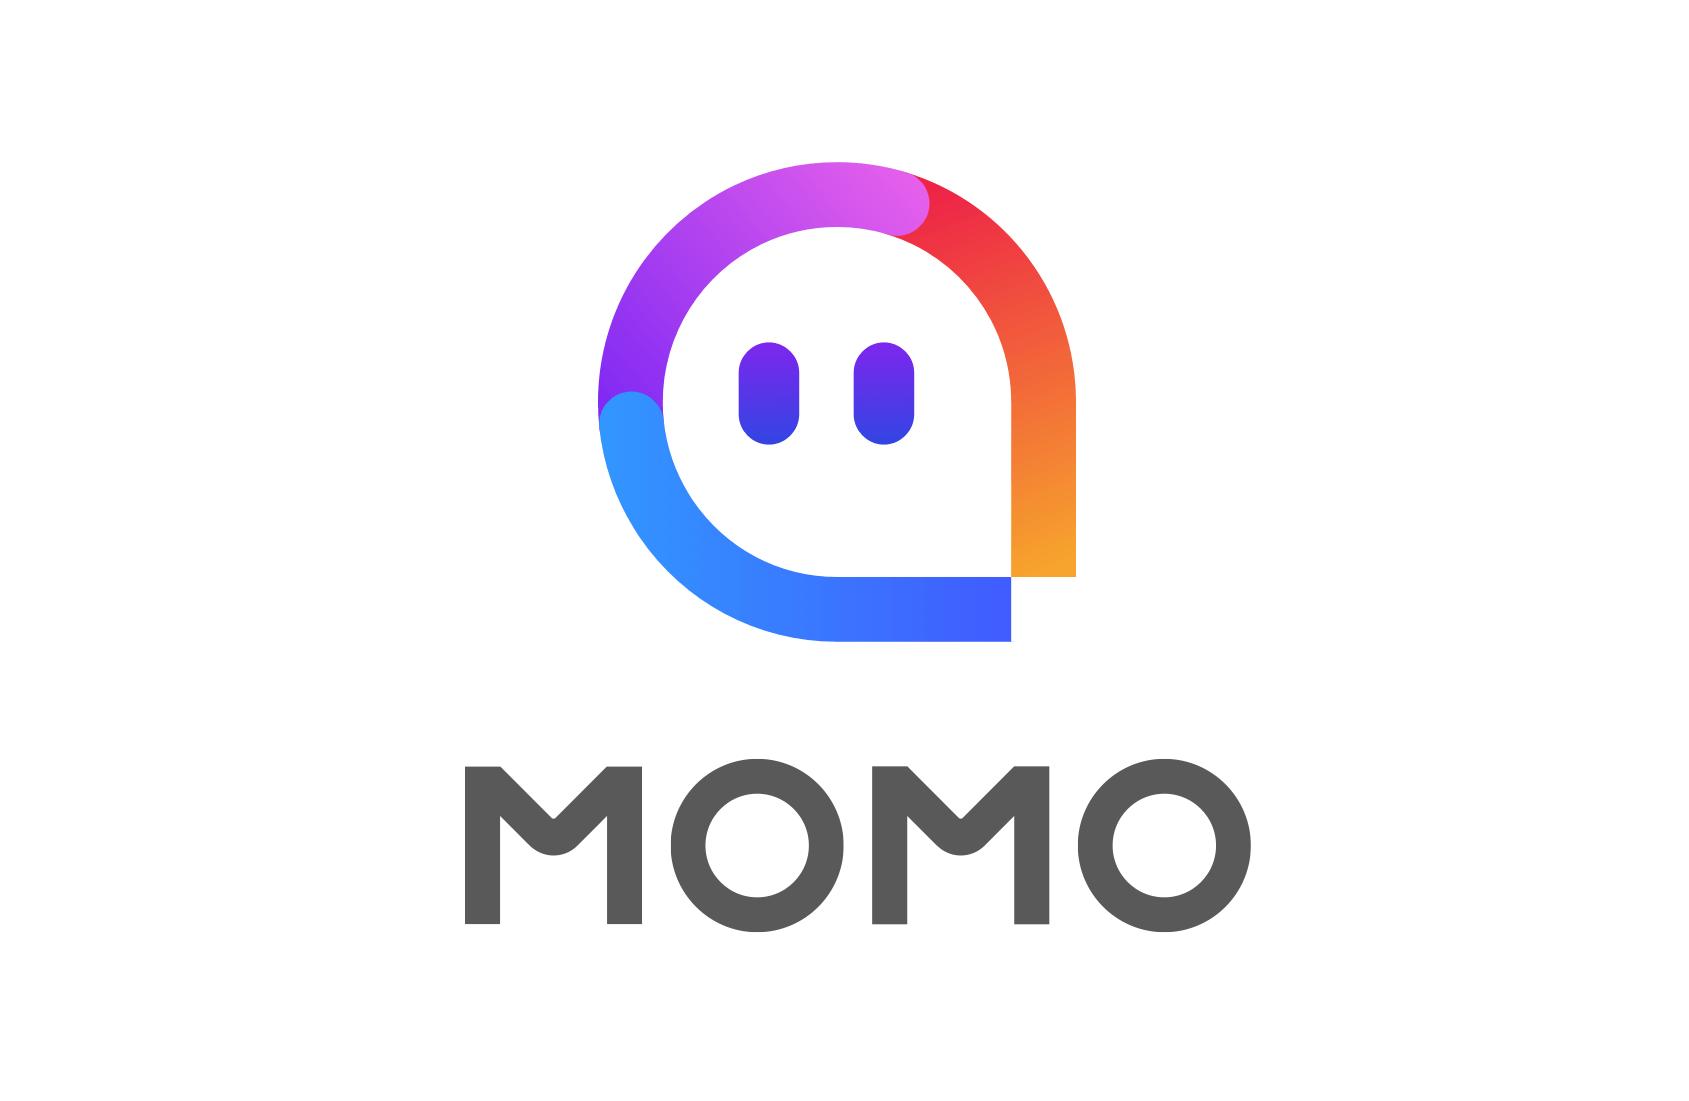 Momo logo.